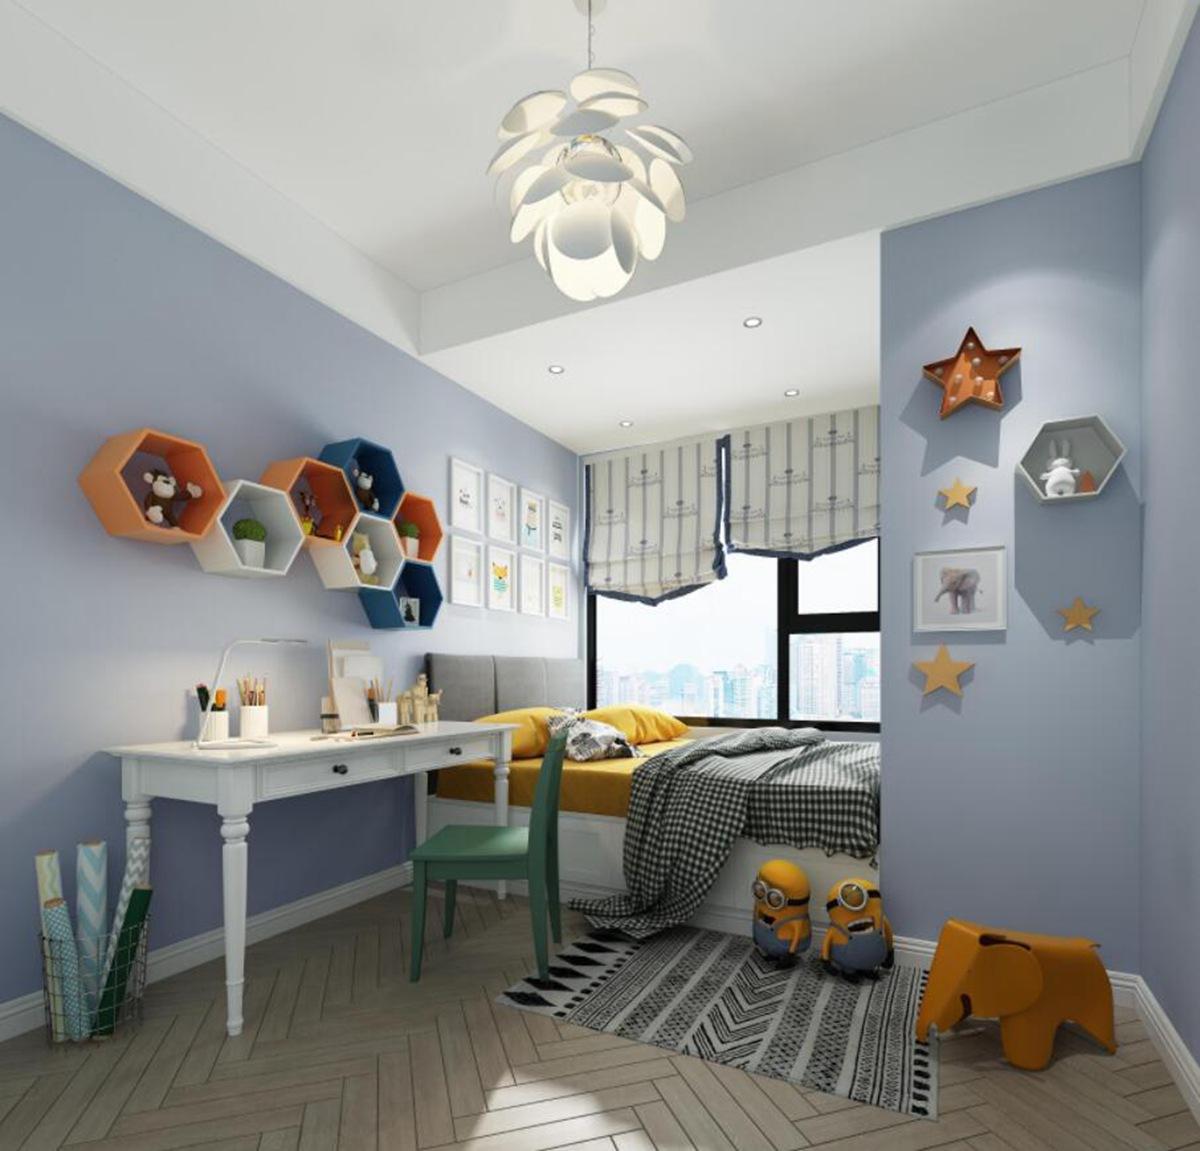 白领 小资 简约 客厅 卧室 厨房 收纳图片来自深圳佳美域品牌装饰在浓浓的少女心--福田花园简约风的分享